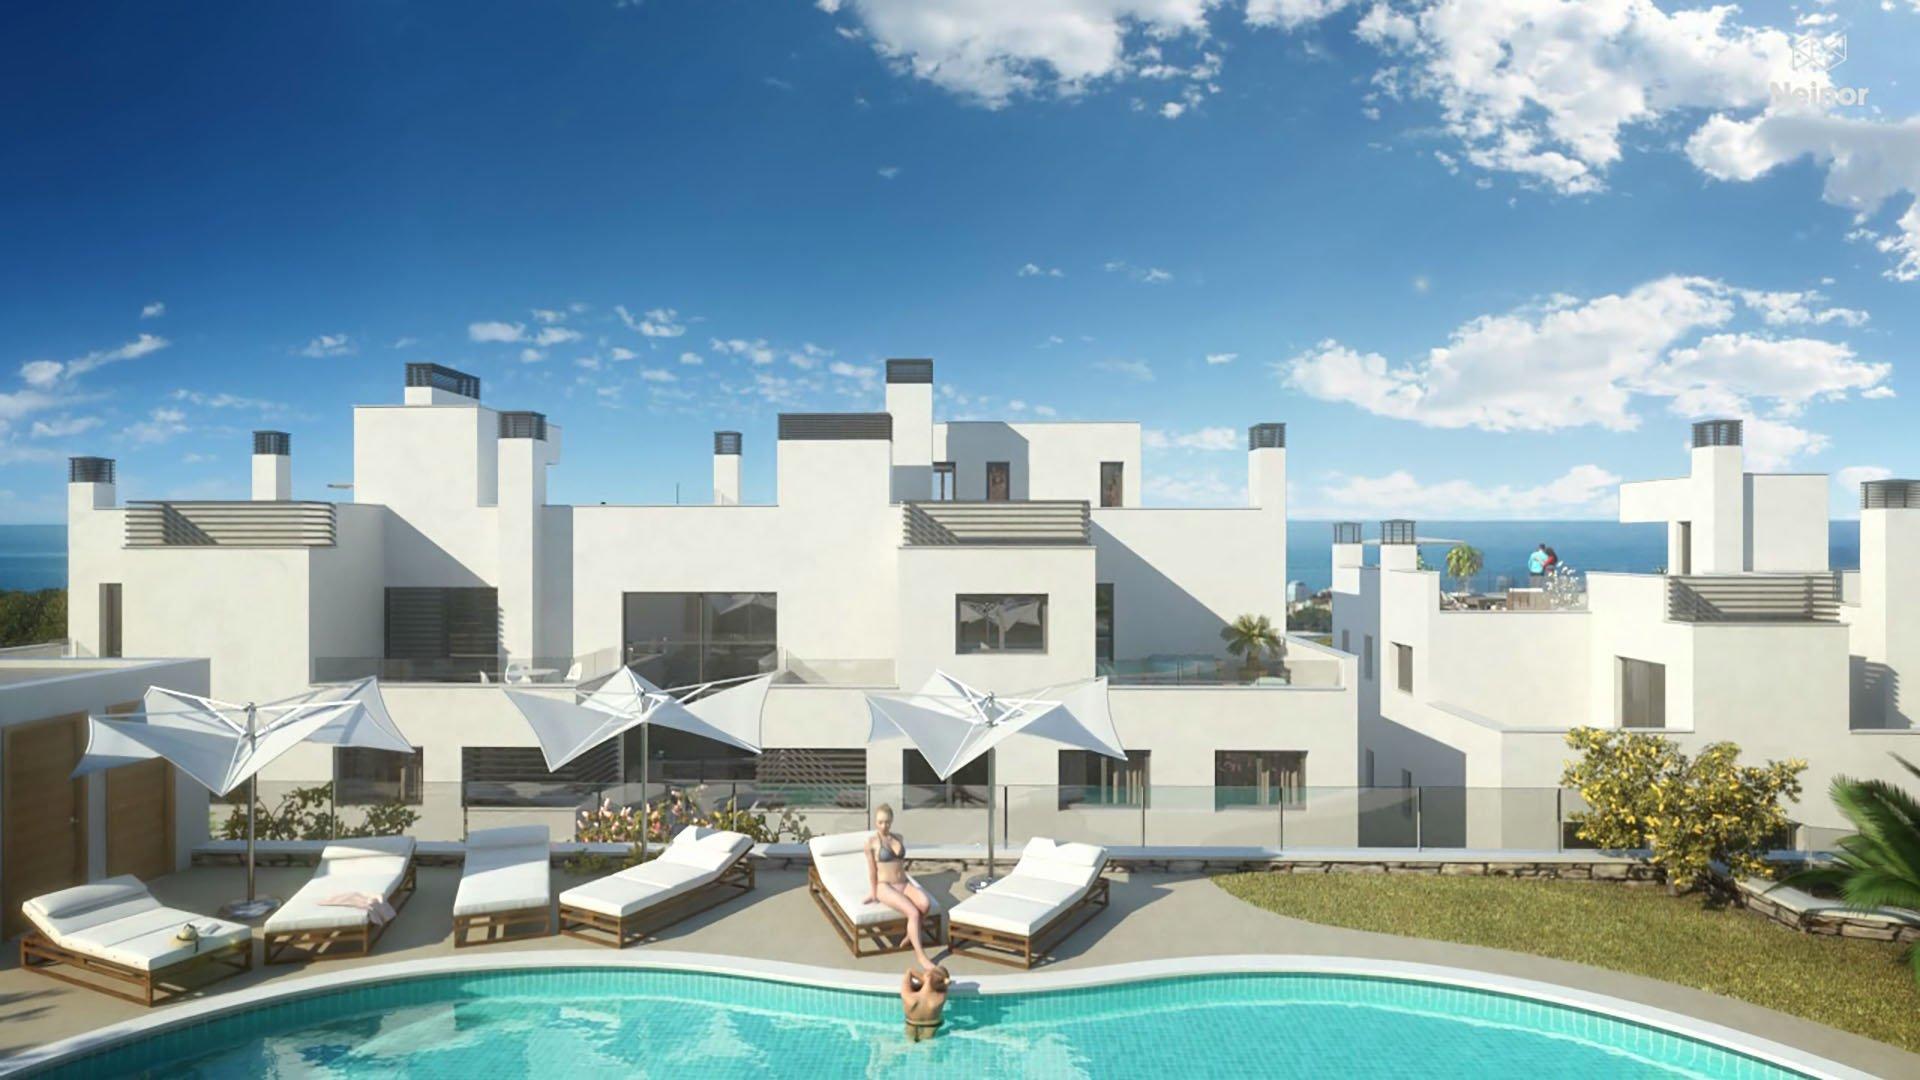 Canada Homes: Een modern woonproject op een bevoorrechte locatie in Marbella